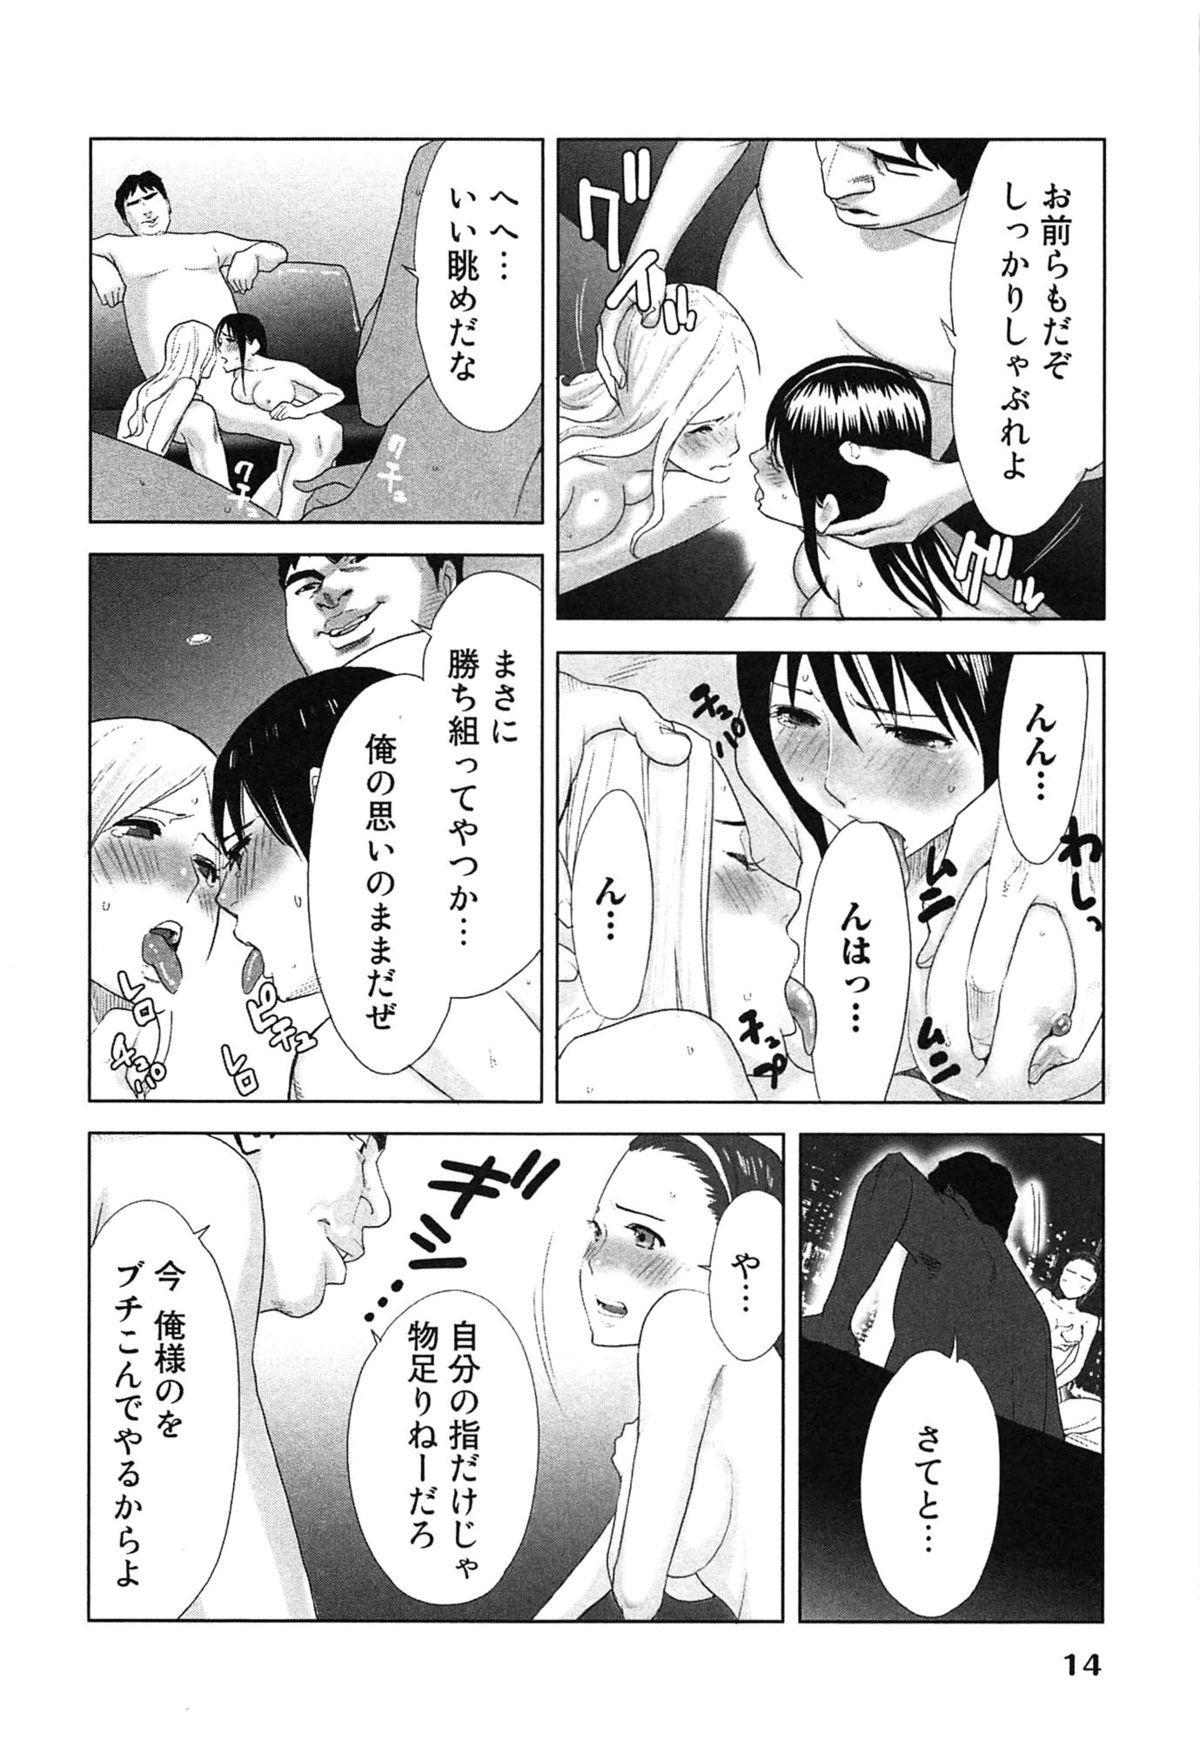 Megami to Ichinen Kura Shite Mita. 2 17